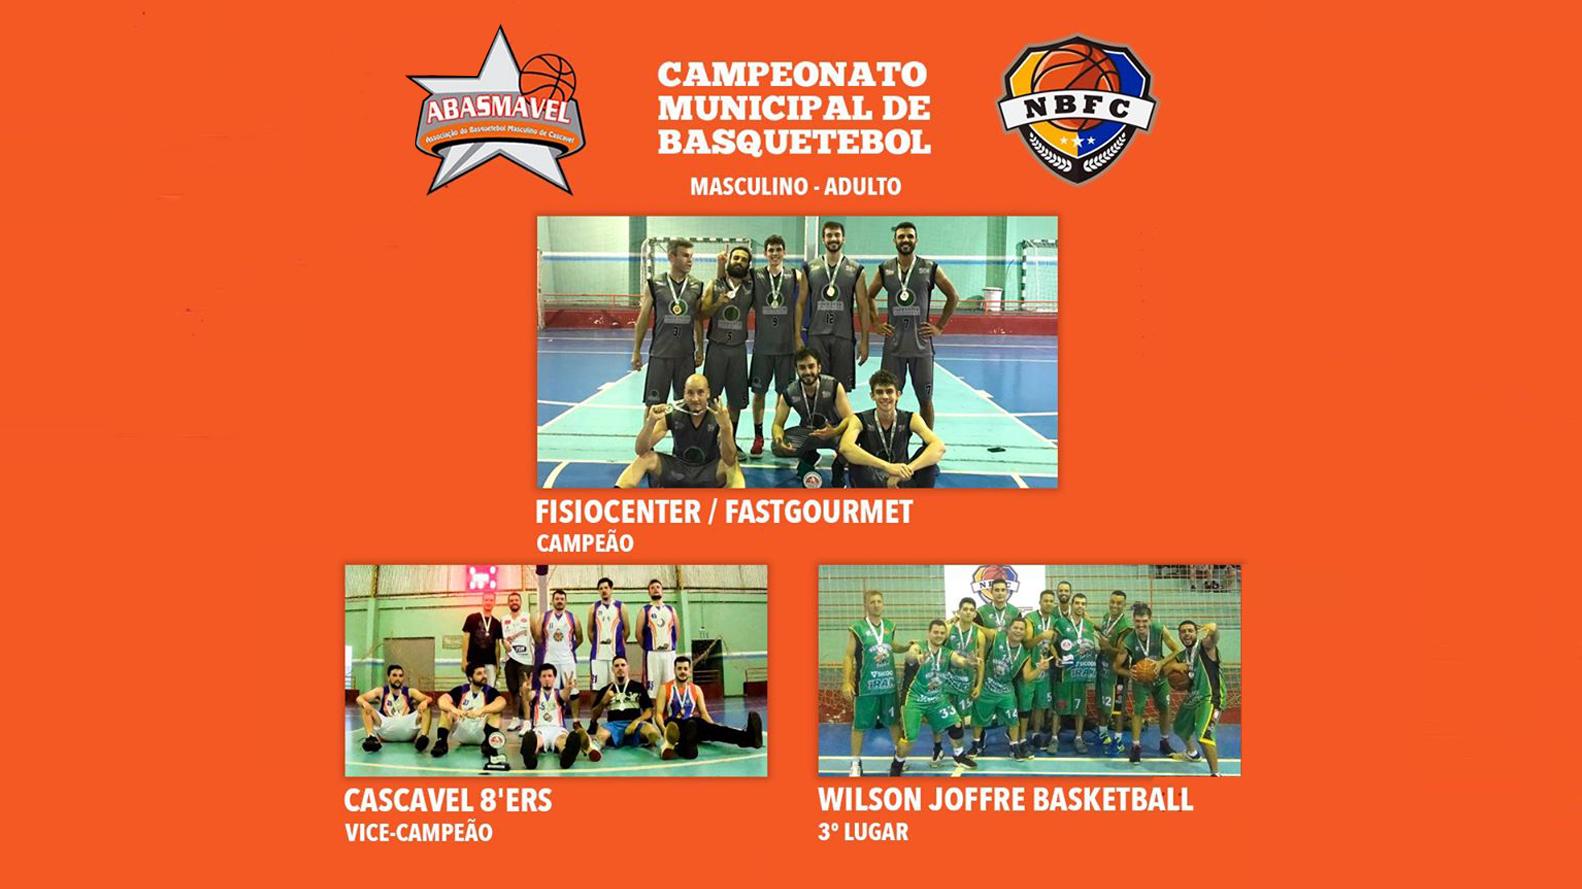 Fisiocenter/Fastgourmet vence Cascavel8'ERS e fatura o título do Campeonato Municipal de Basquetebol